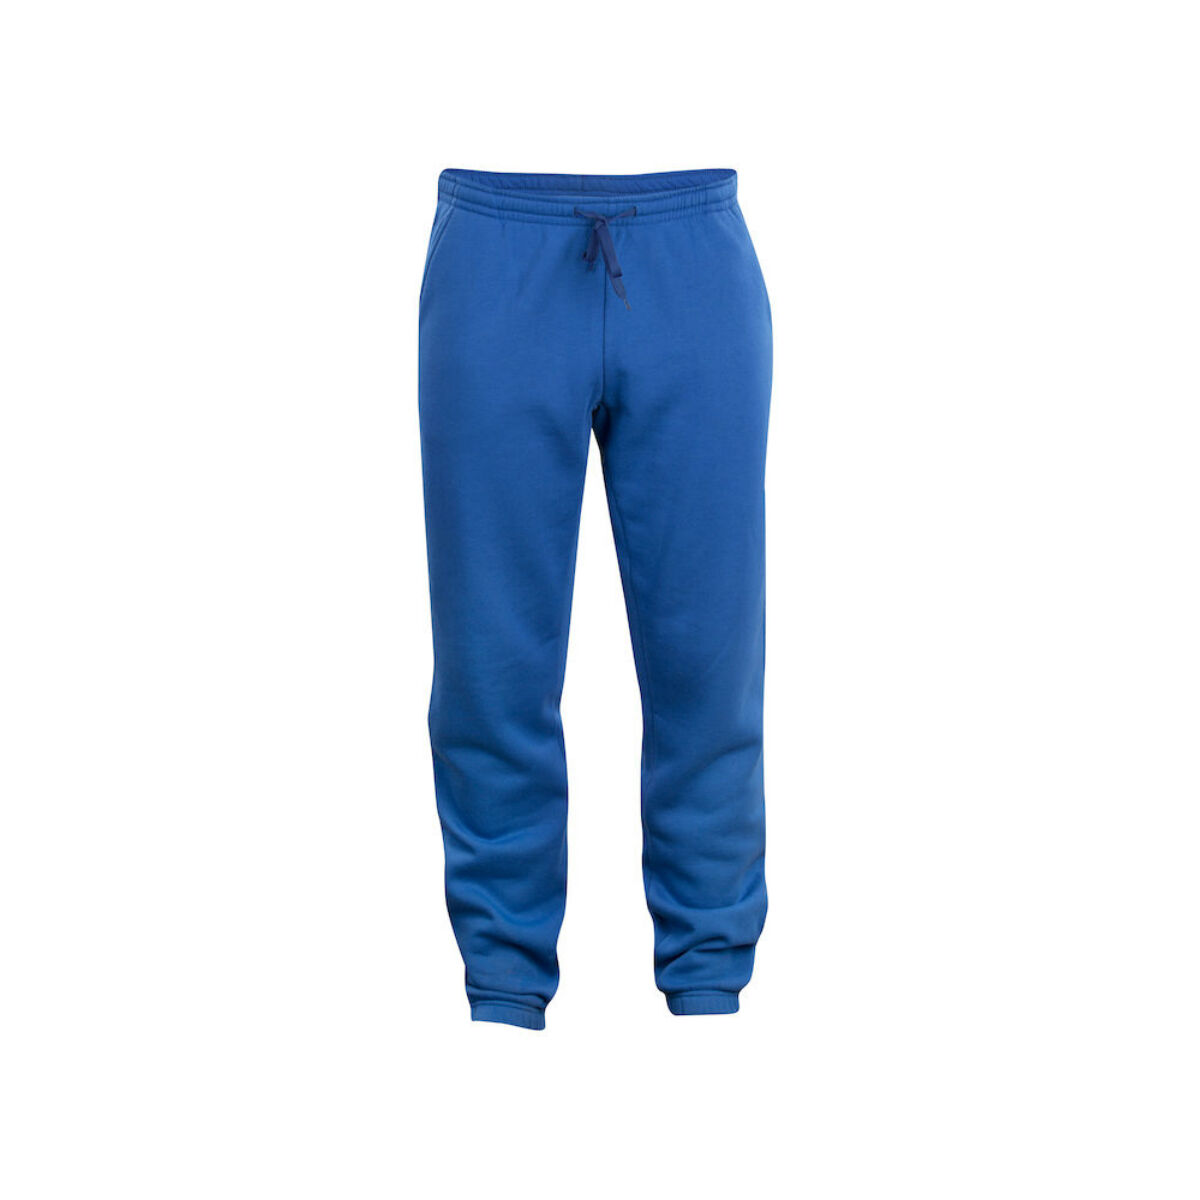 Clique Pants Royal Blue